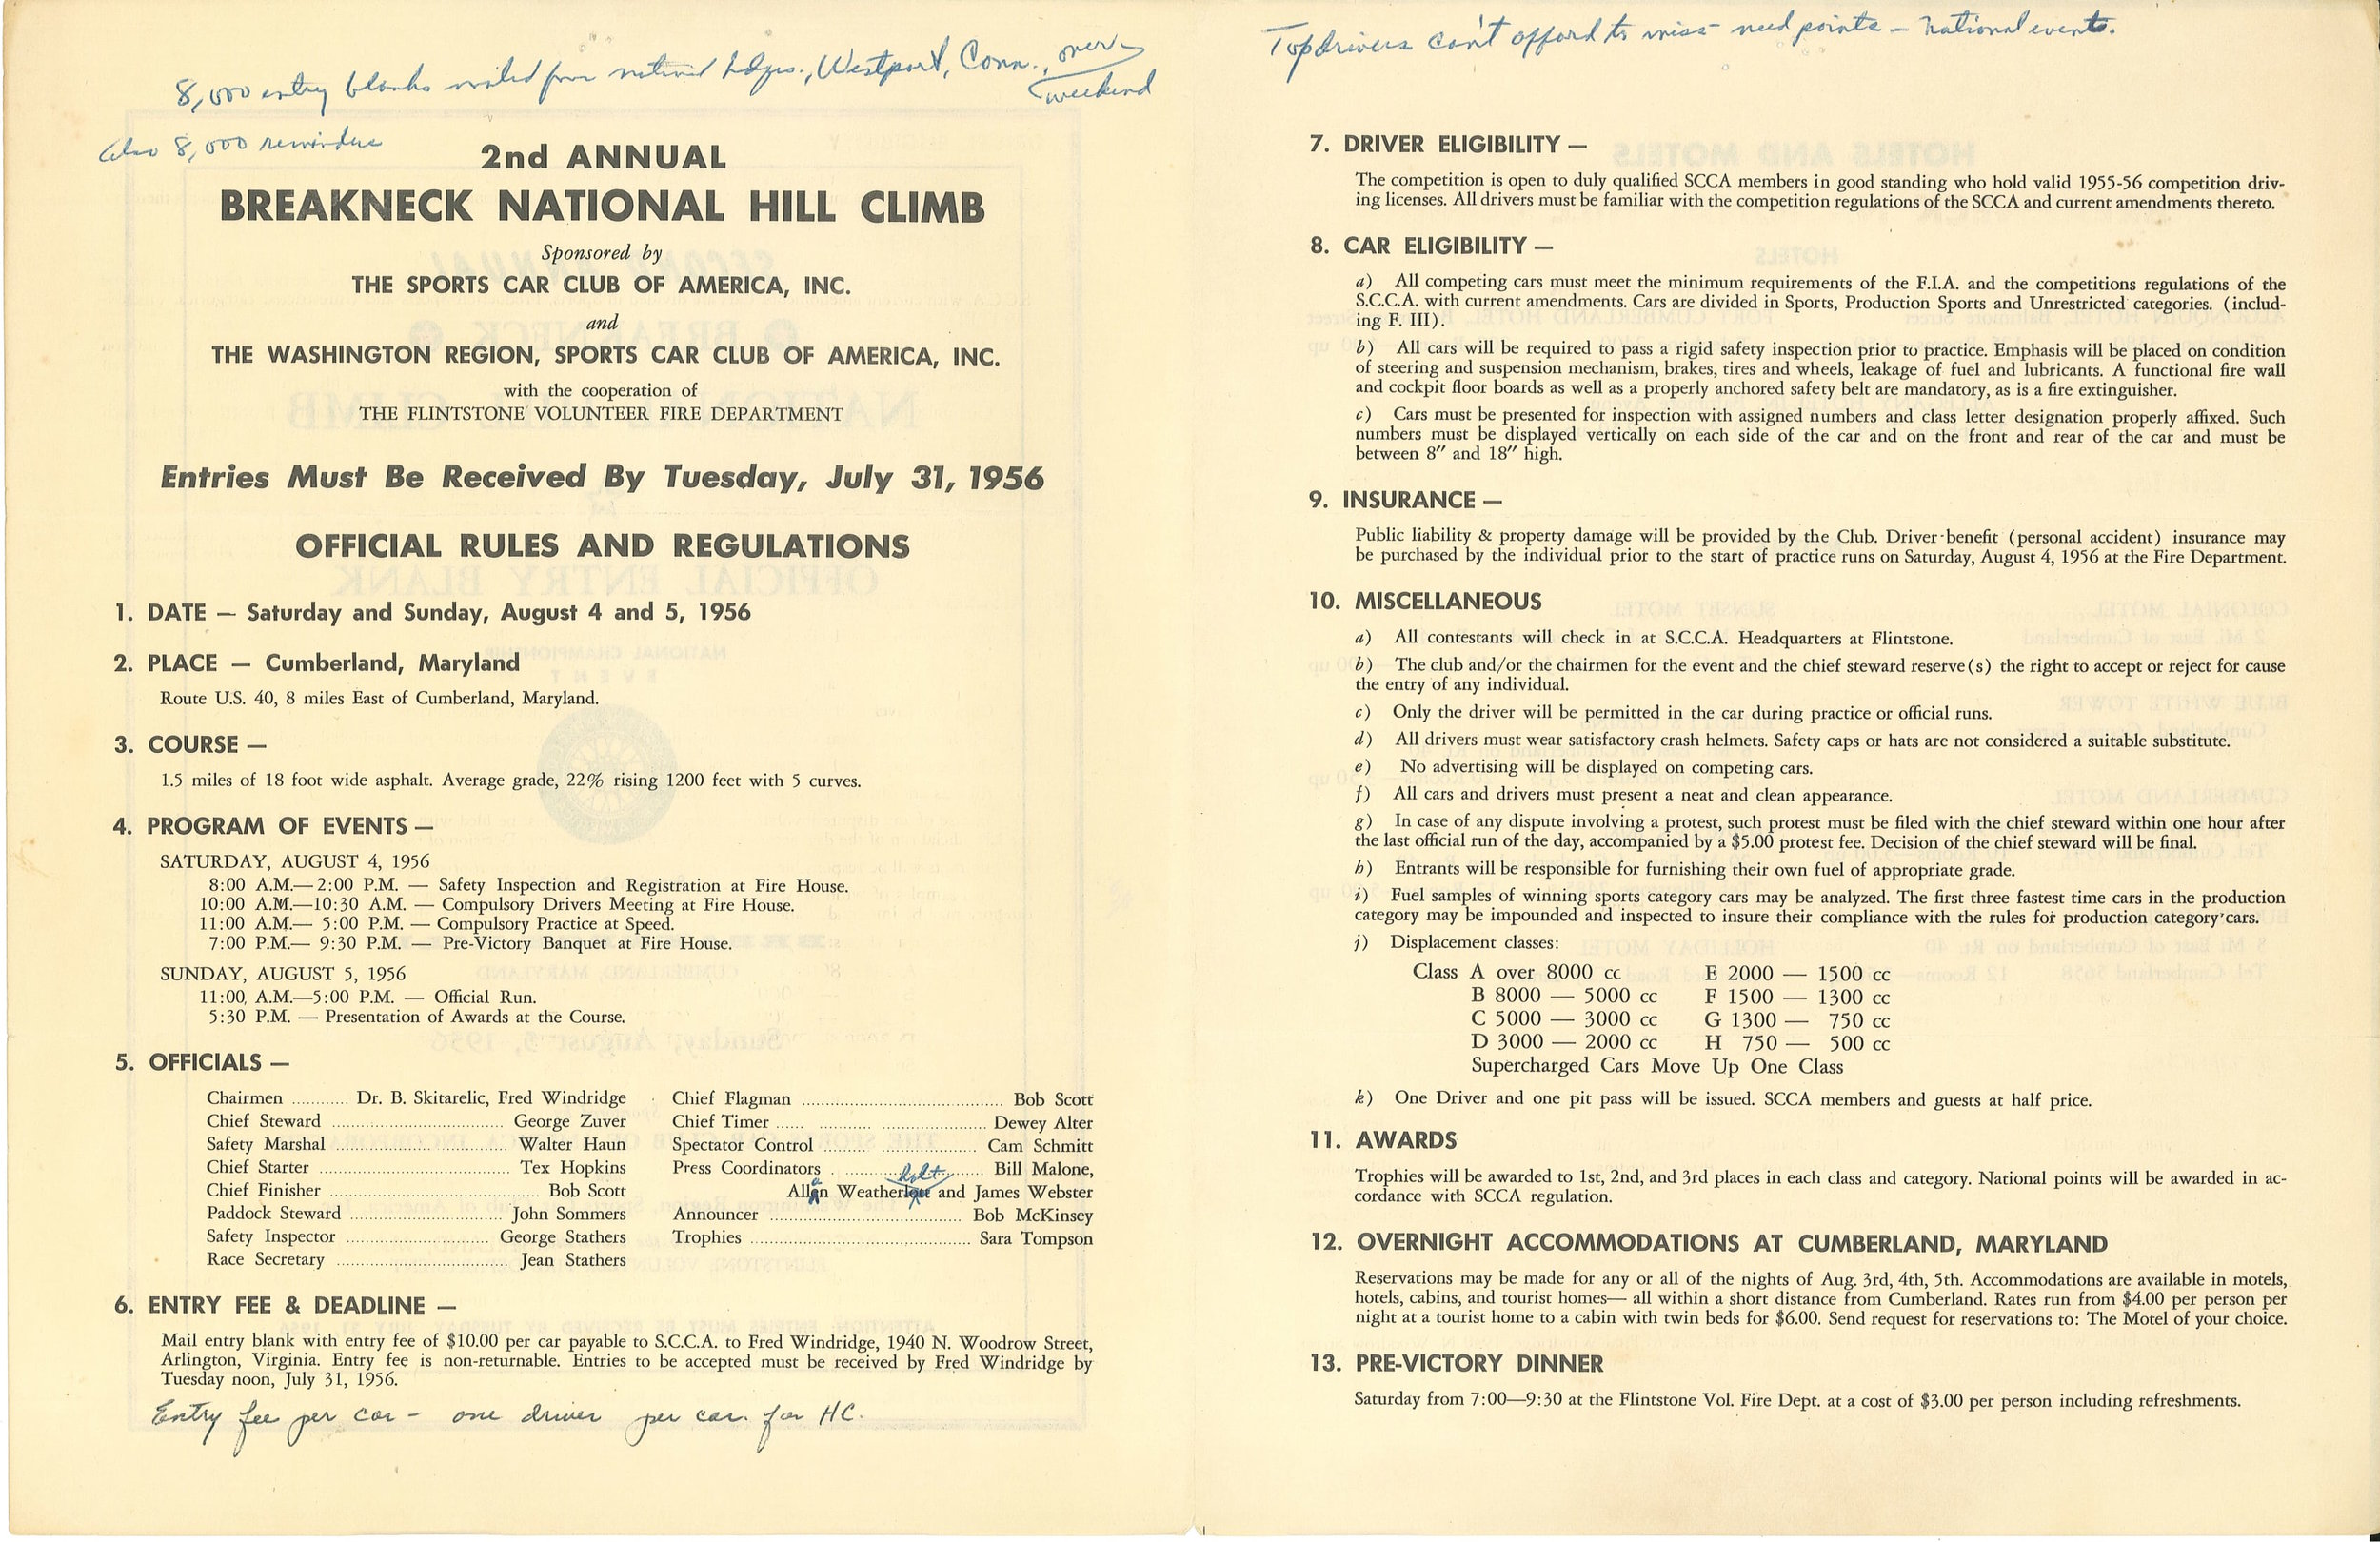 1956_Breakneck_Regs-1.jpg